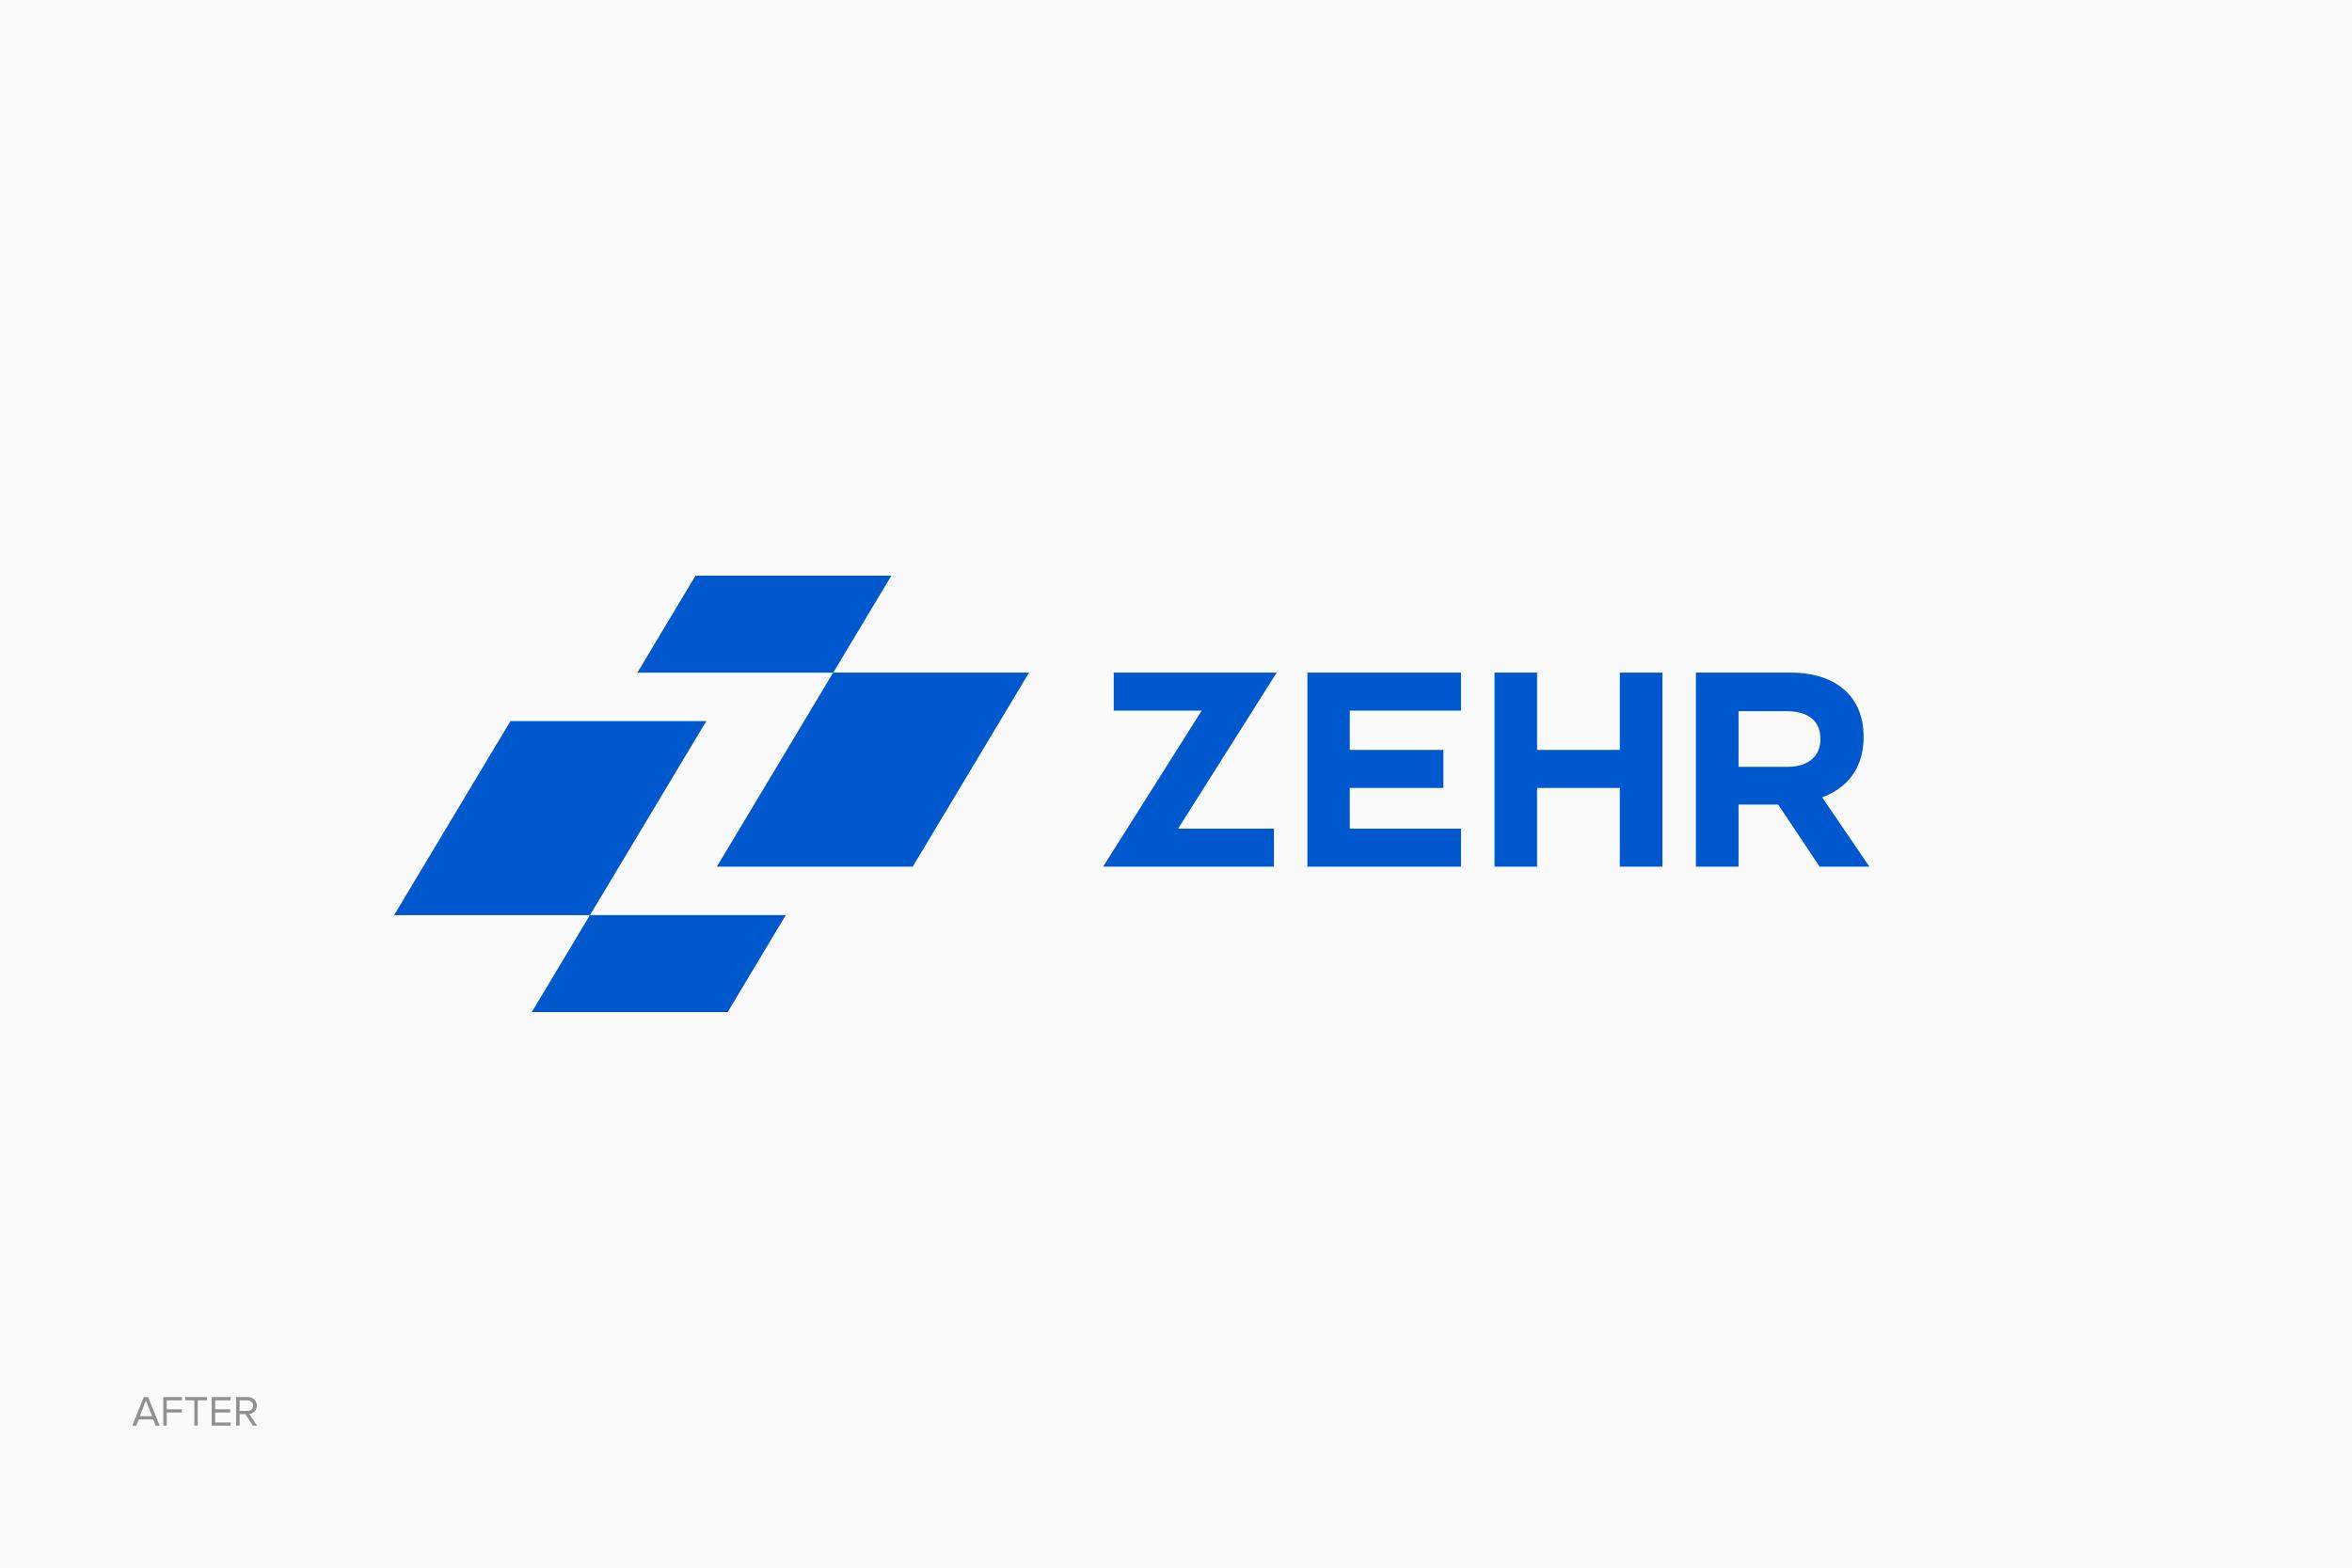 Zehr logo after